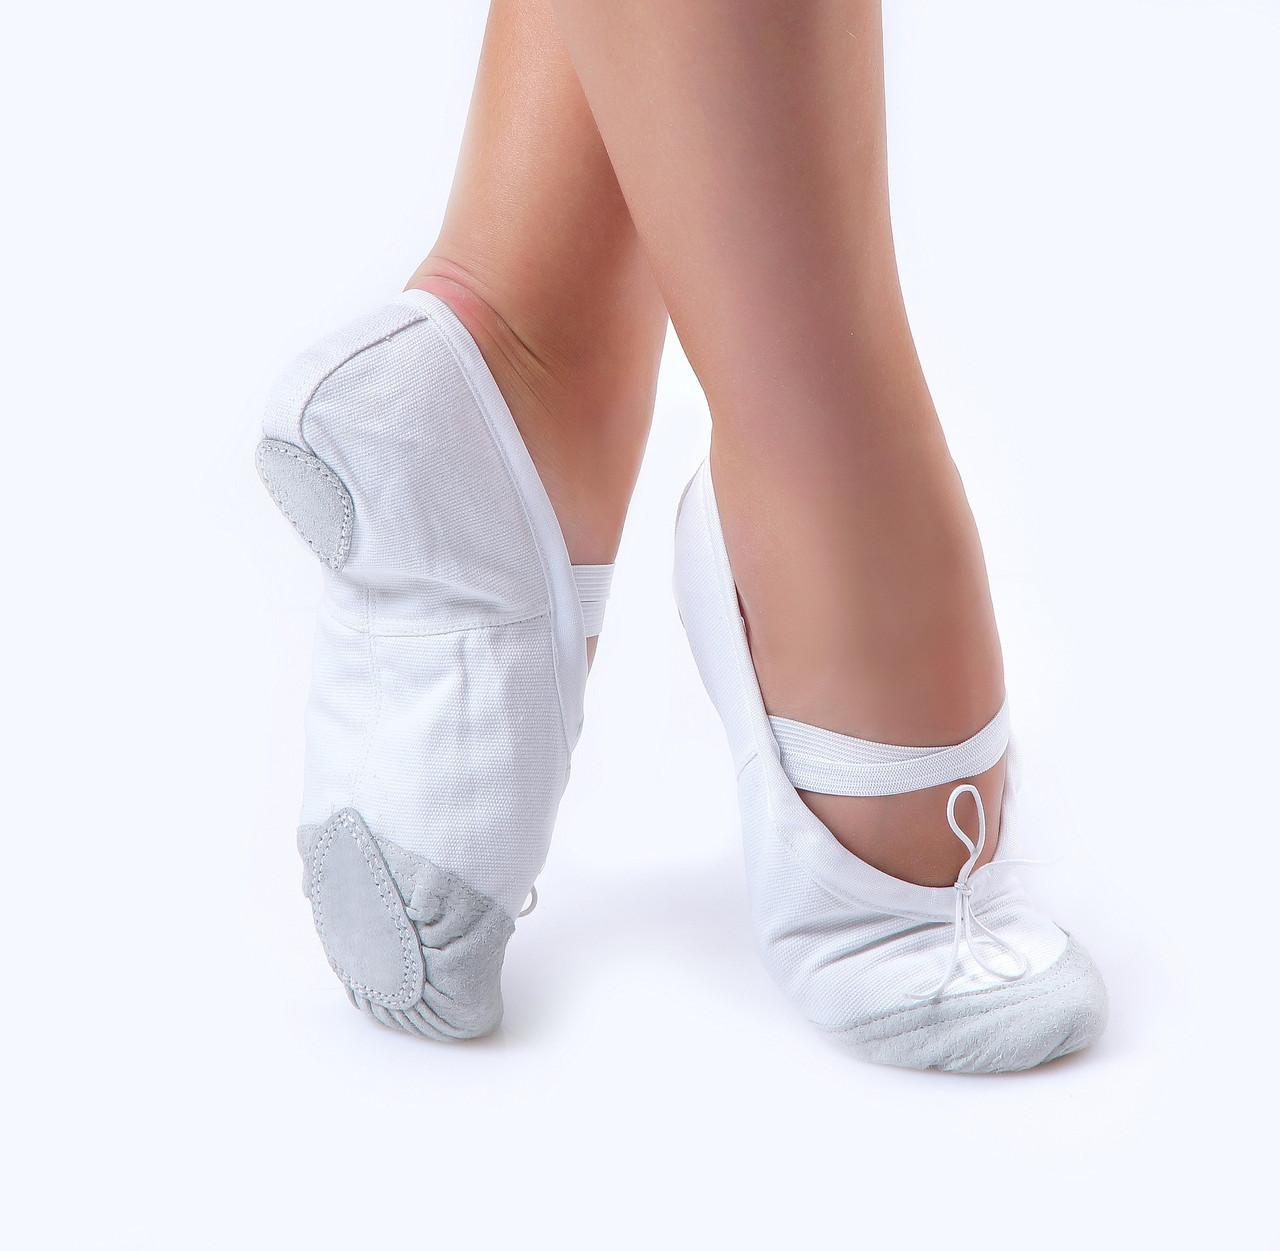 Балетки танцевальные с кожаным носком и кожаной подошвой Dance 011, белый